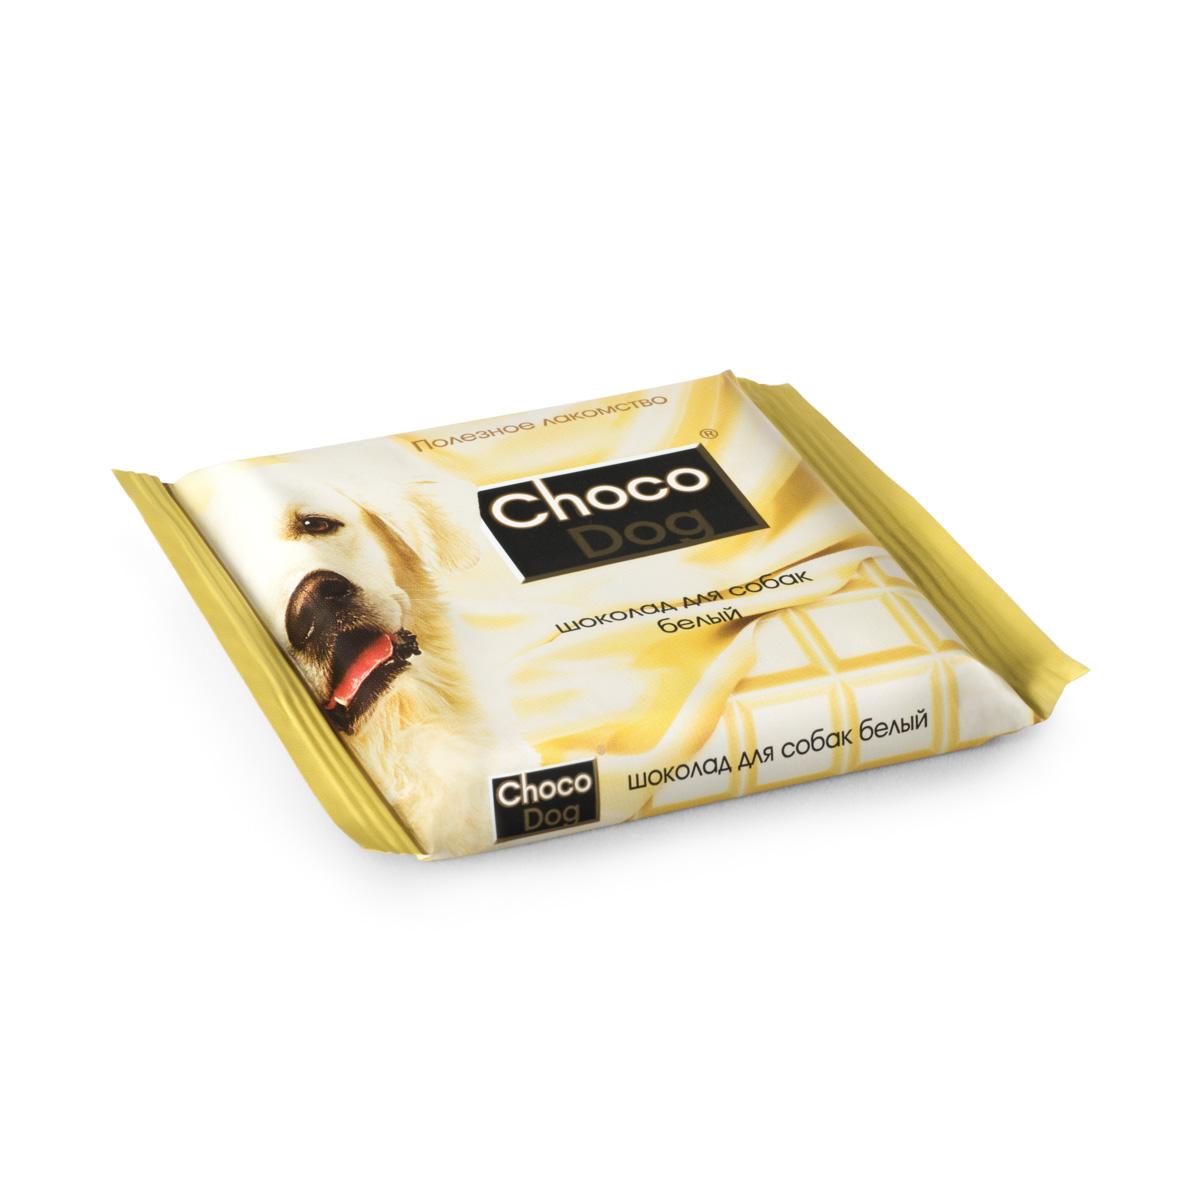 Лакомство для собак VEDA Choco Dog, белый шоколад, 85 г0120710Лакомство для собак VEDA Choco Dog представляет собой дополнительный функциональный корм для непродуктивных животных в виде лакомства, предназначенный для использования в качестве лакомства с целью поощрения и дрессуры животных. Белый шоколад без какао и сахара. Рекомендуется собакам с выраженными аллергическими реакциями на продукты питания. Лакомство для собак VEDA Choco Dog выпускают штучно в виде плиток.Состав: жир растительного происхождения, лактоза, сыворотка молочная сухая, лецитин, дрожжи пивные сухие, экстракт стевии (стевиозид), добавка пищевая комплексная вкусо-ароматическая.Кормовая ценность на 100 г (не менее): жиры 40 г, углеводы 39 г.Энергетическая ценность в 100 г: 525 ккал.Товар сертифицирован.